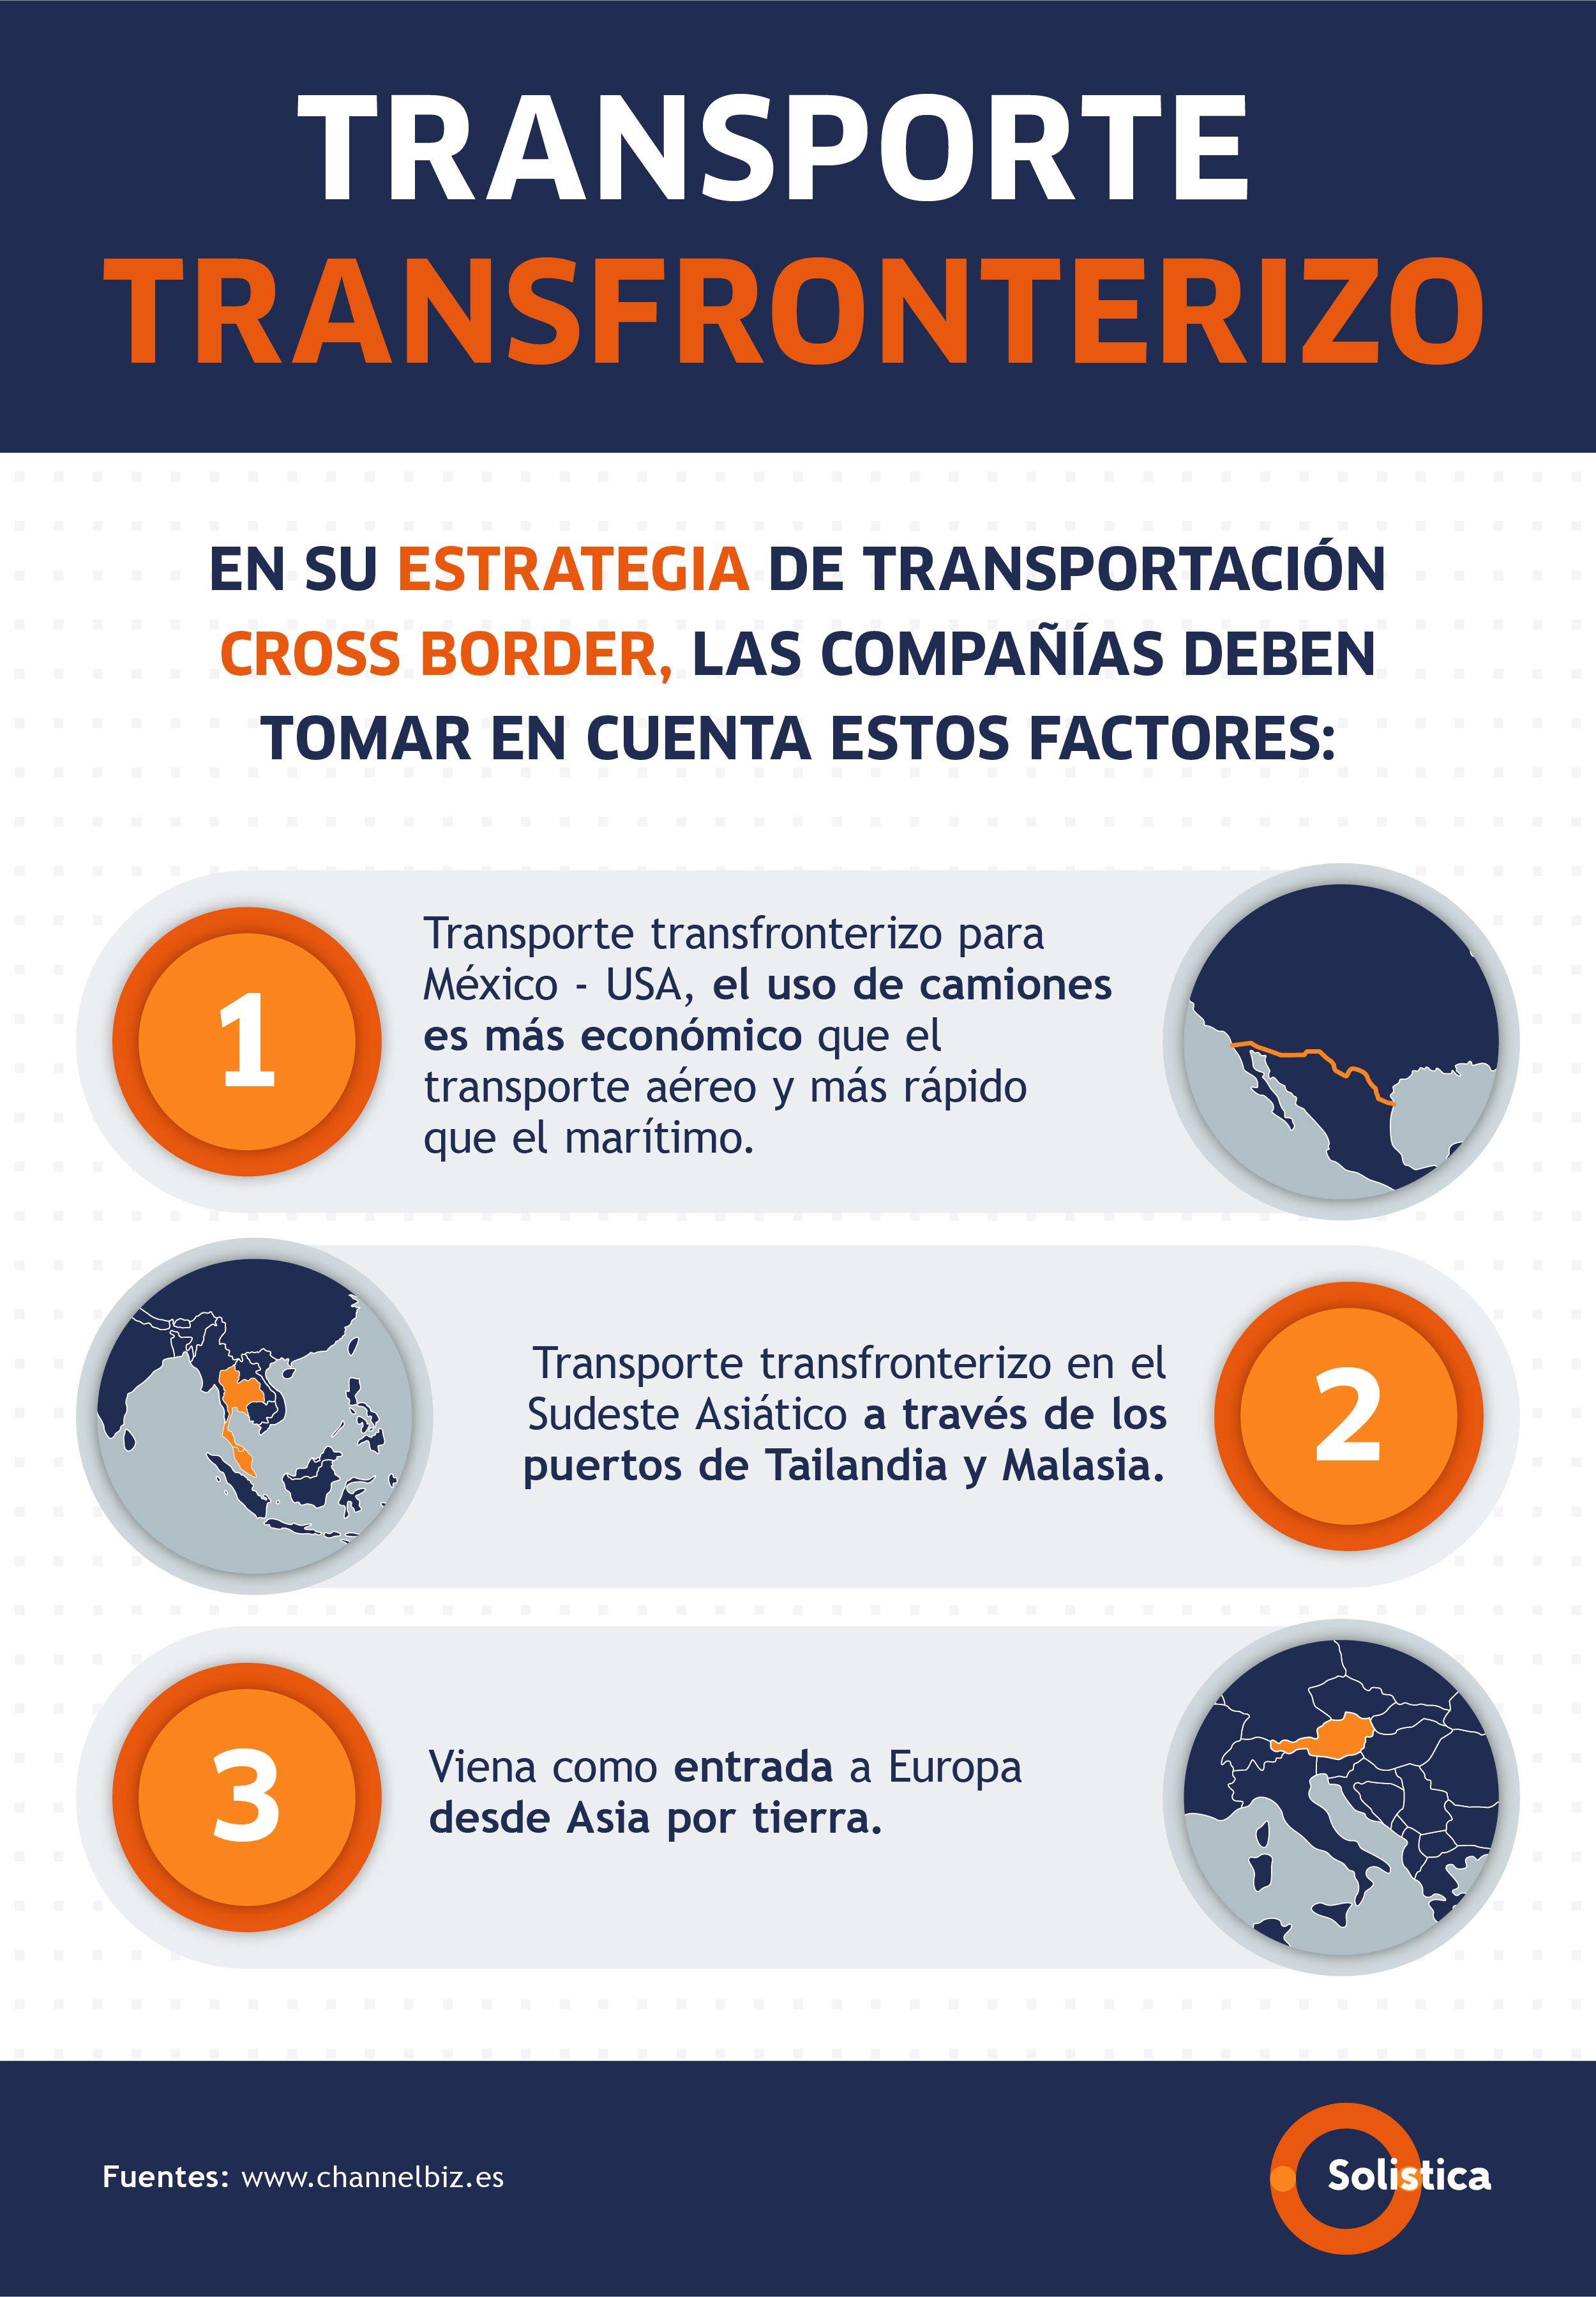 Infografía Transporte transfronterizo-cross border (1)